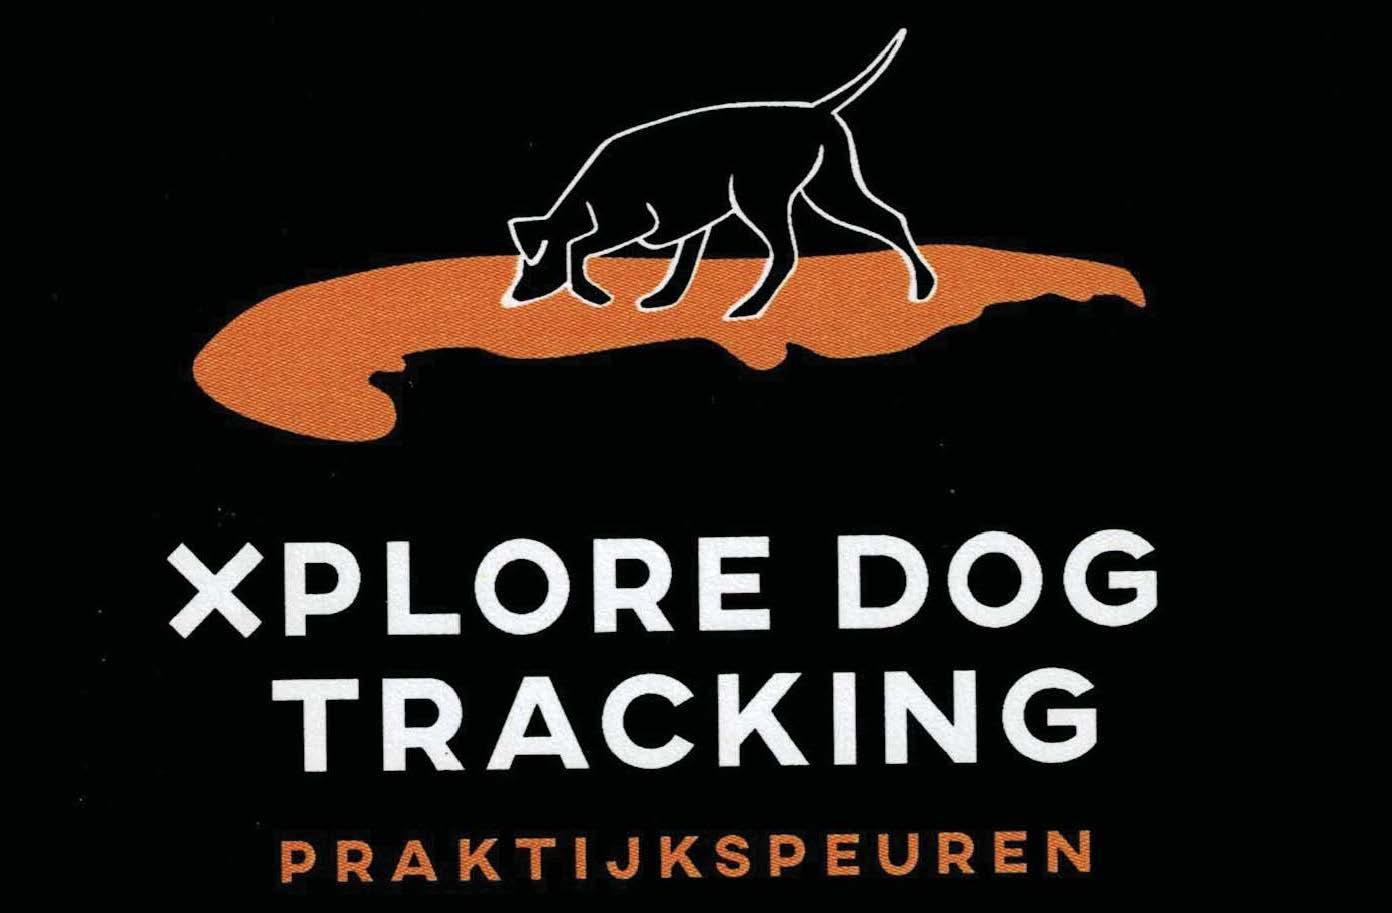 Xplore Dog Tracking